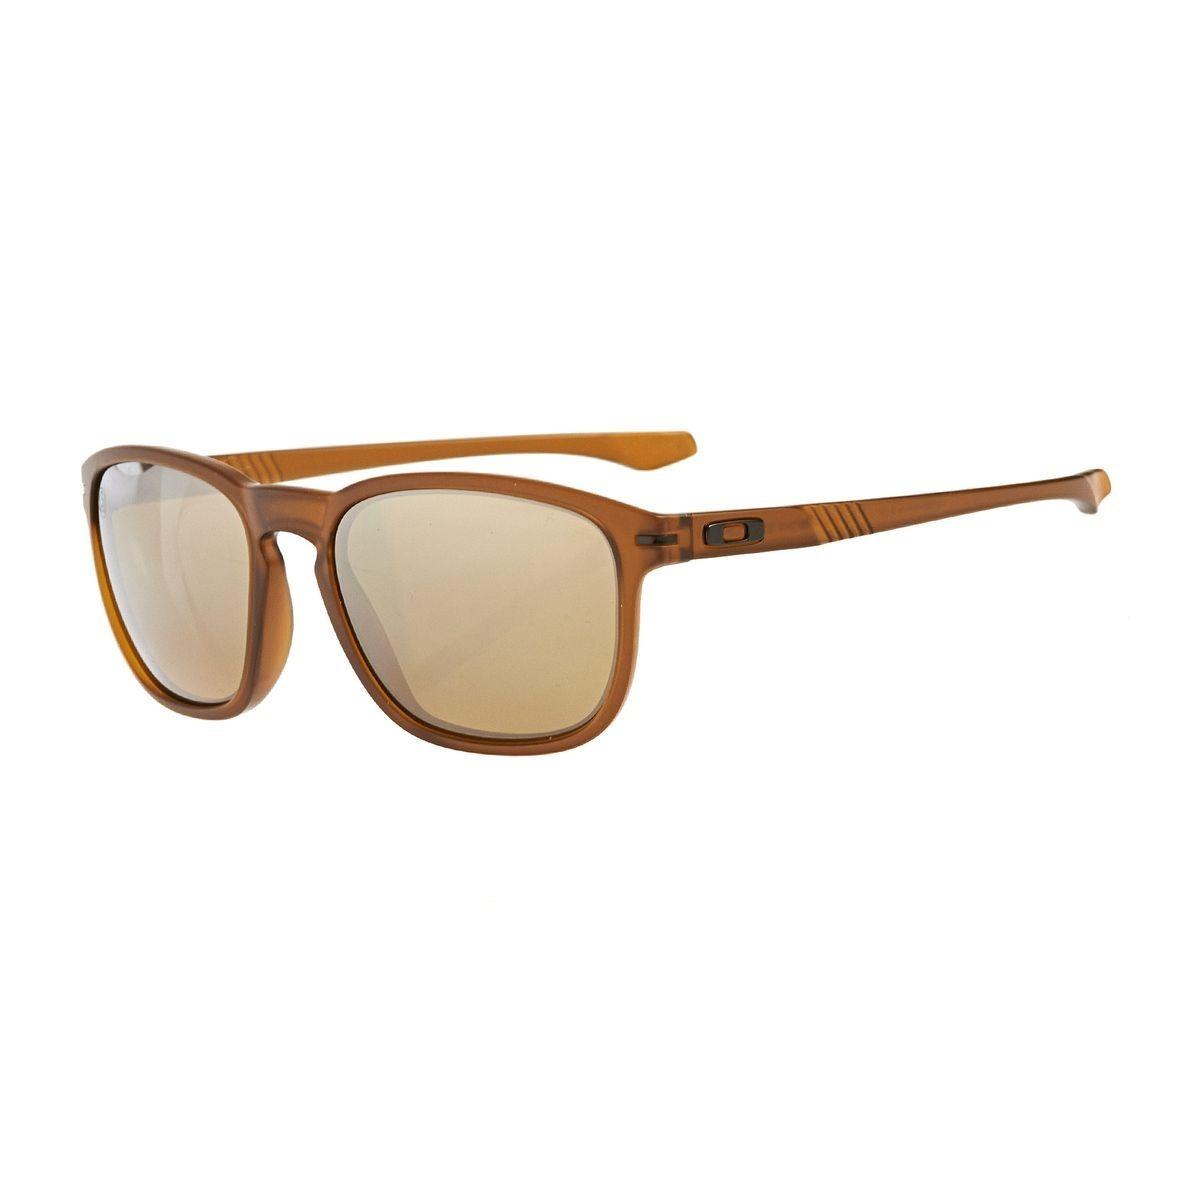 25fb01667e78d Oculos De Sol Oakley Enduro 100% Polarizado Original - R  340,00 em ...